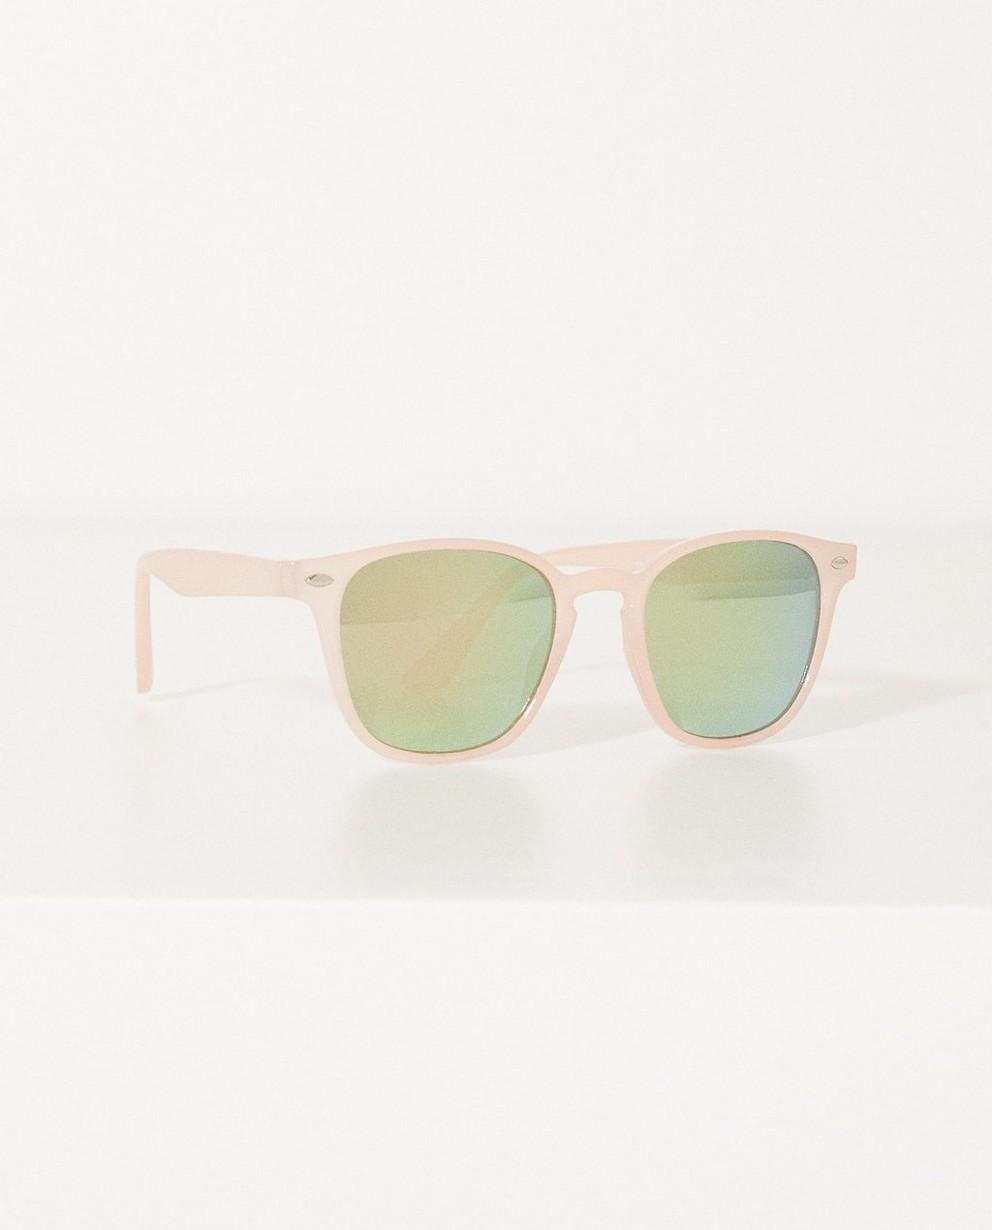 Lunettes de soleil - verres miroir et monture rose - JBC